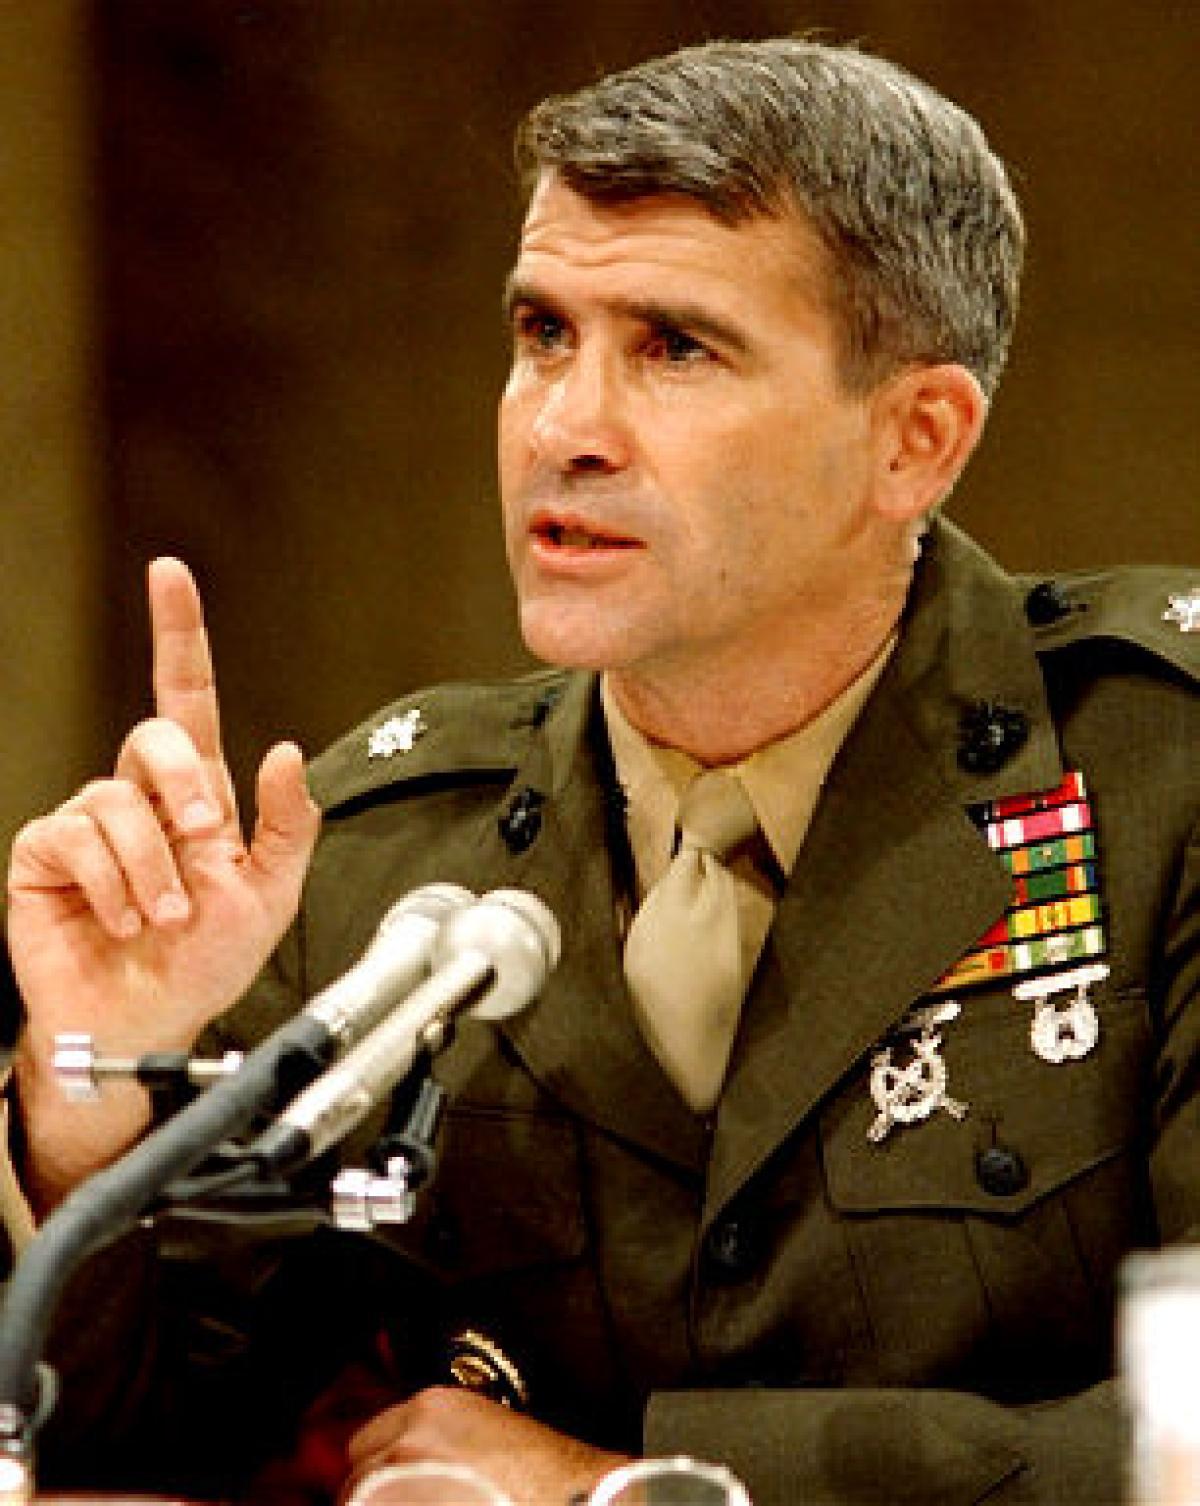 Oliver North, Iran-Contra